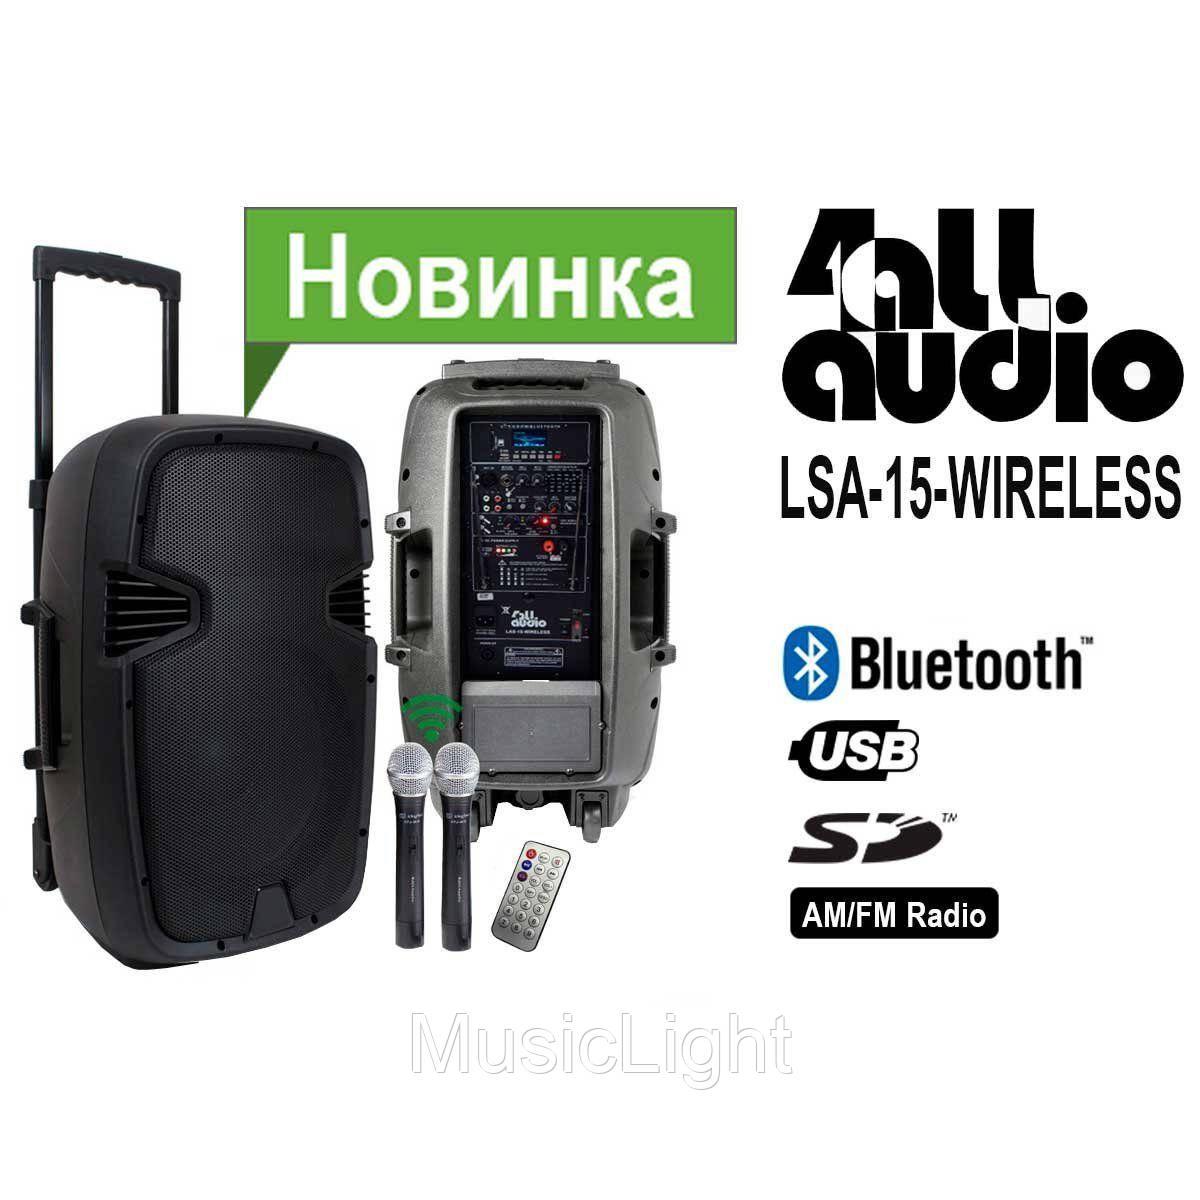 Автономная активная акустическая система 4all Audio LSA-15 WIRELESS